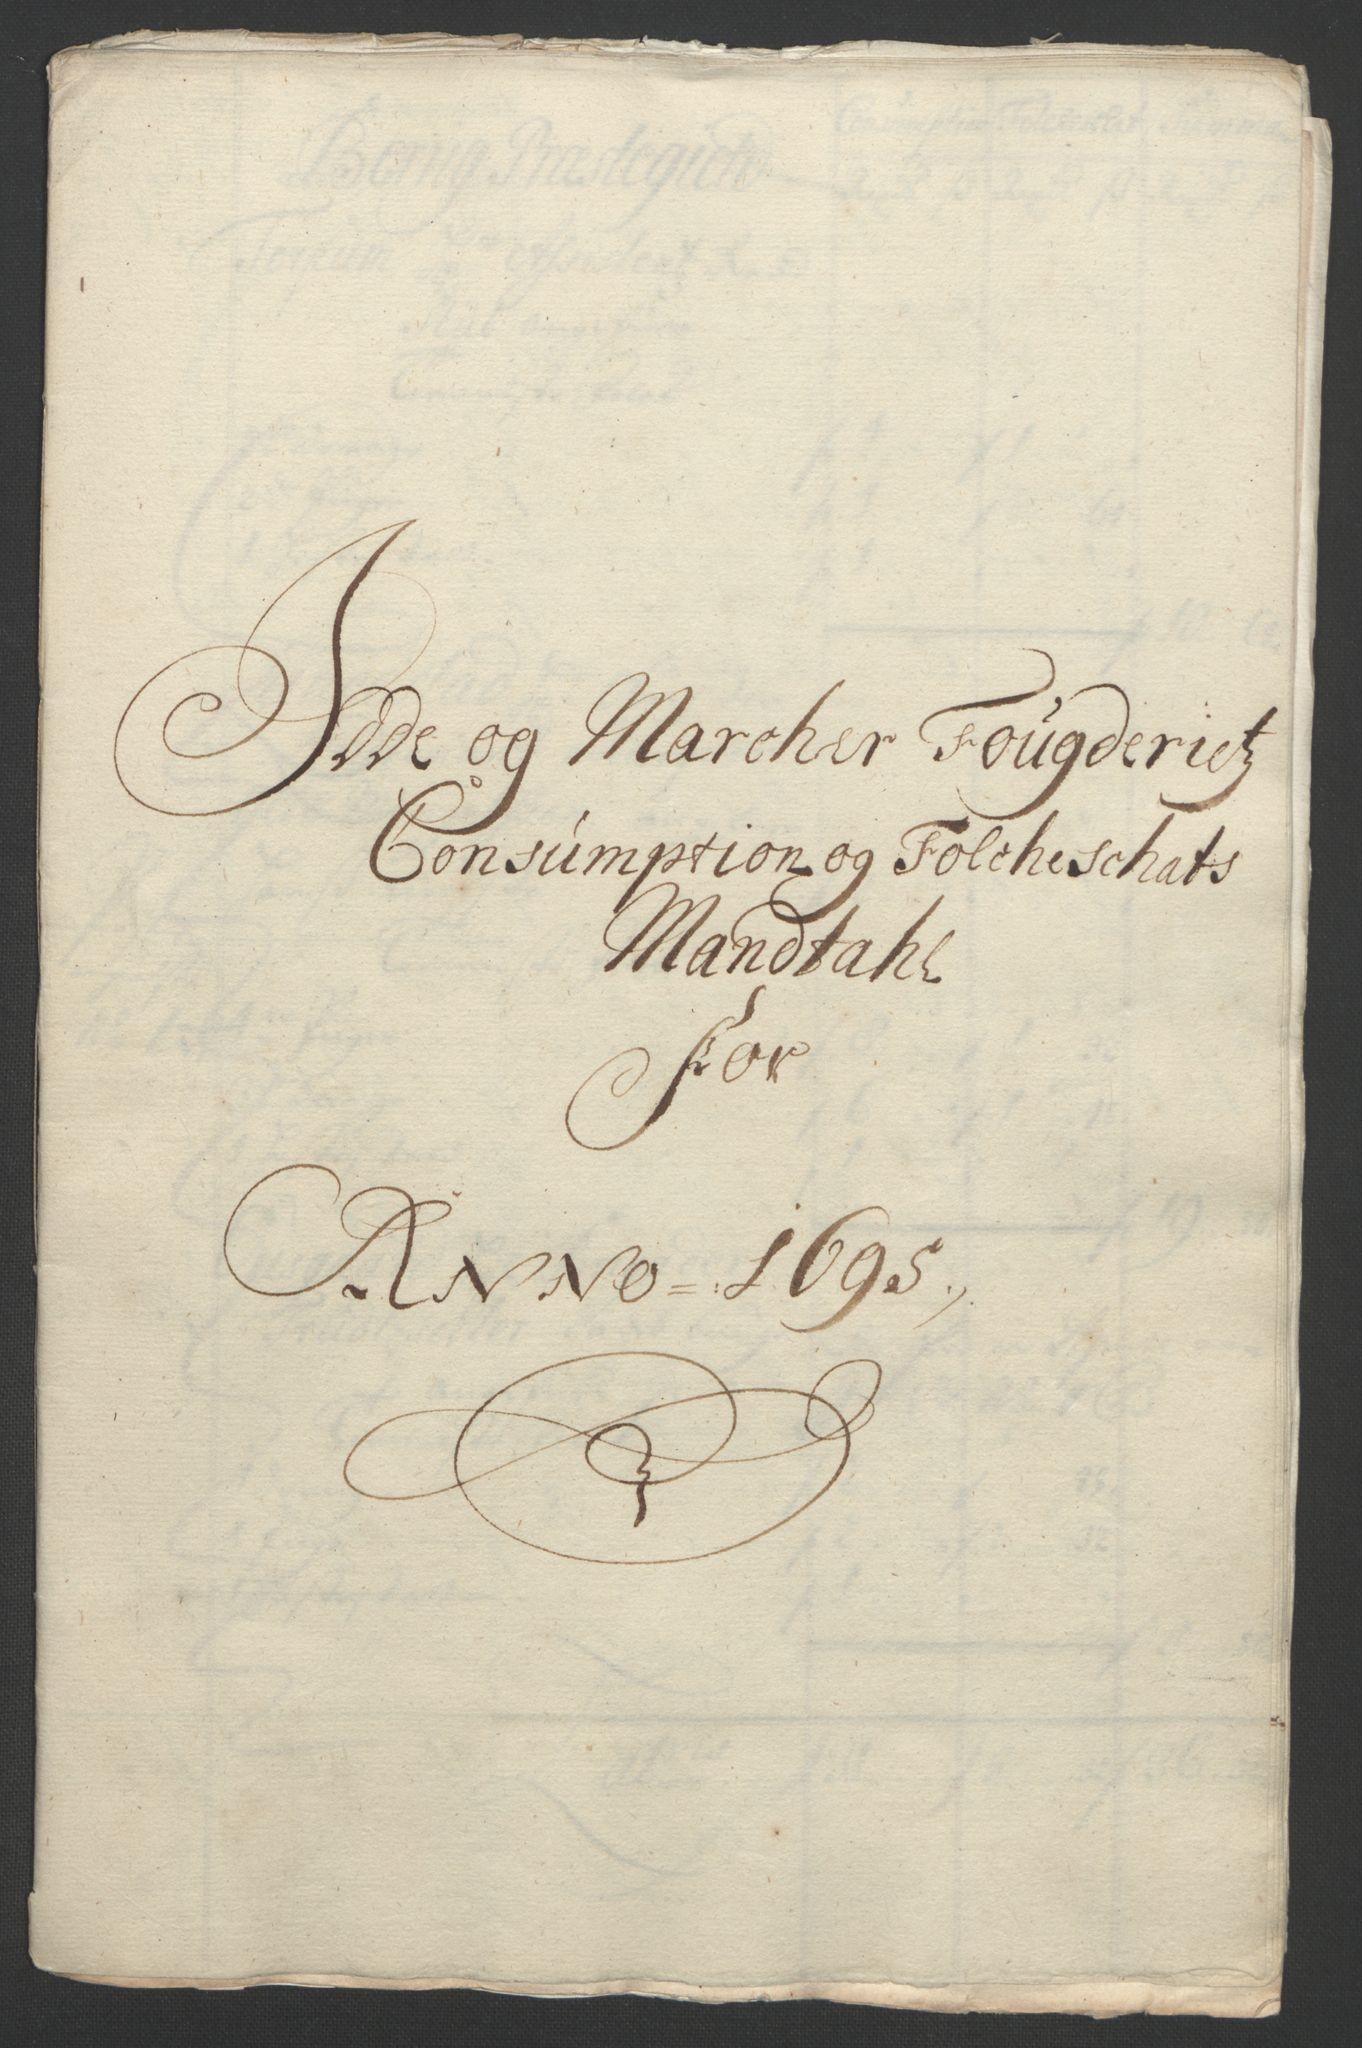 RA, Rentekammeret inntil 1814, Reviderte regnskaper, Fogderegnskap, R01/L0012: Fogderegnskap Idd og Marker, 1694-1695, s. 238